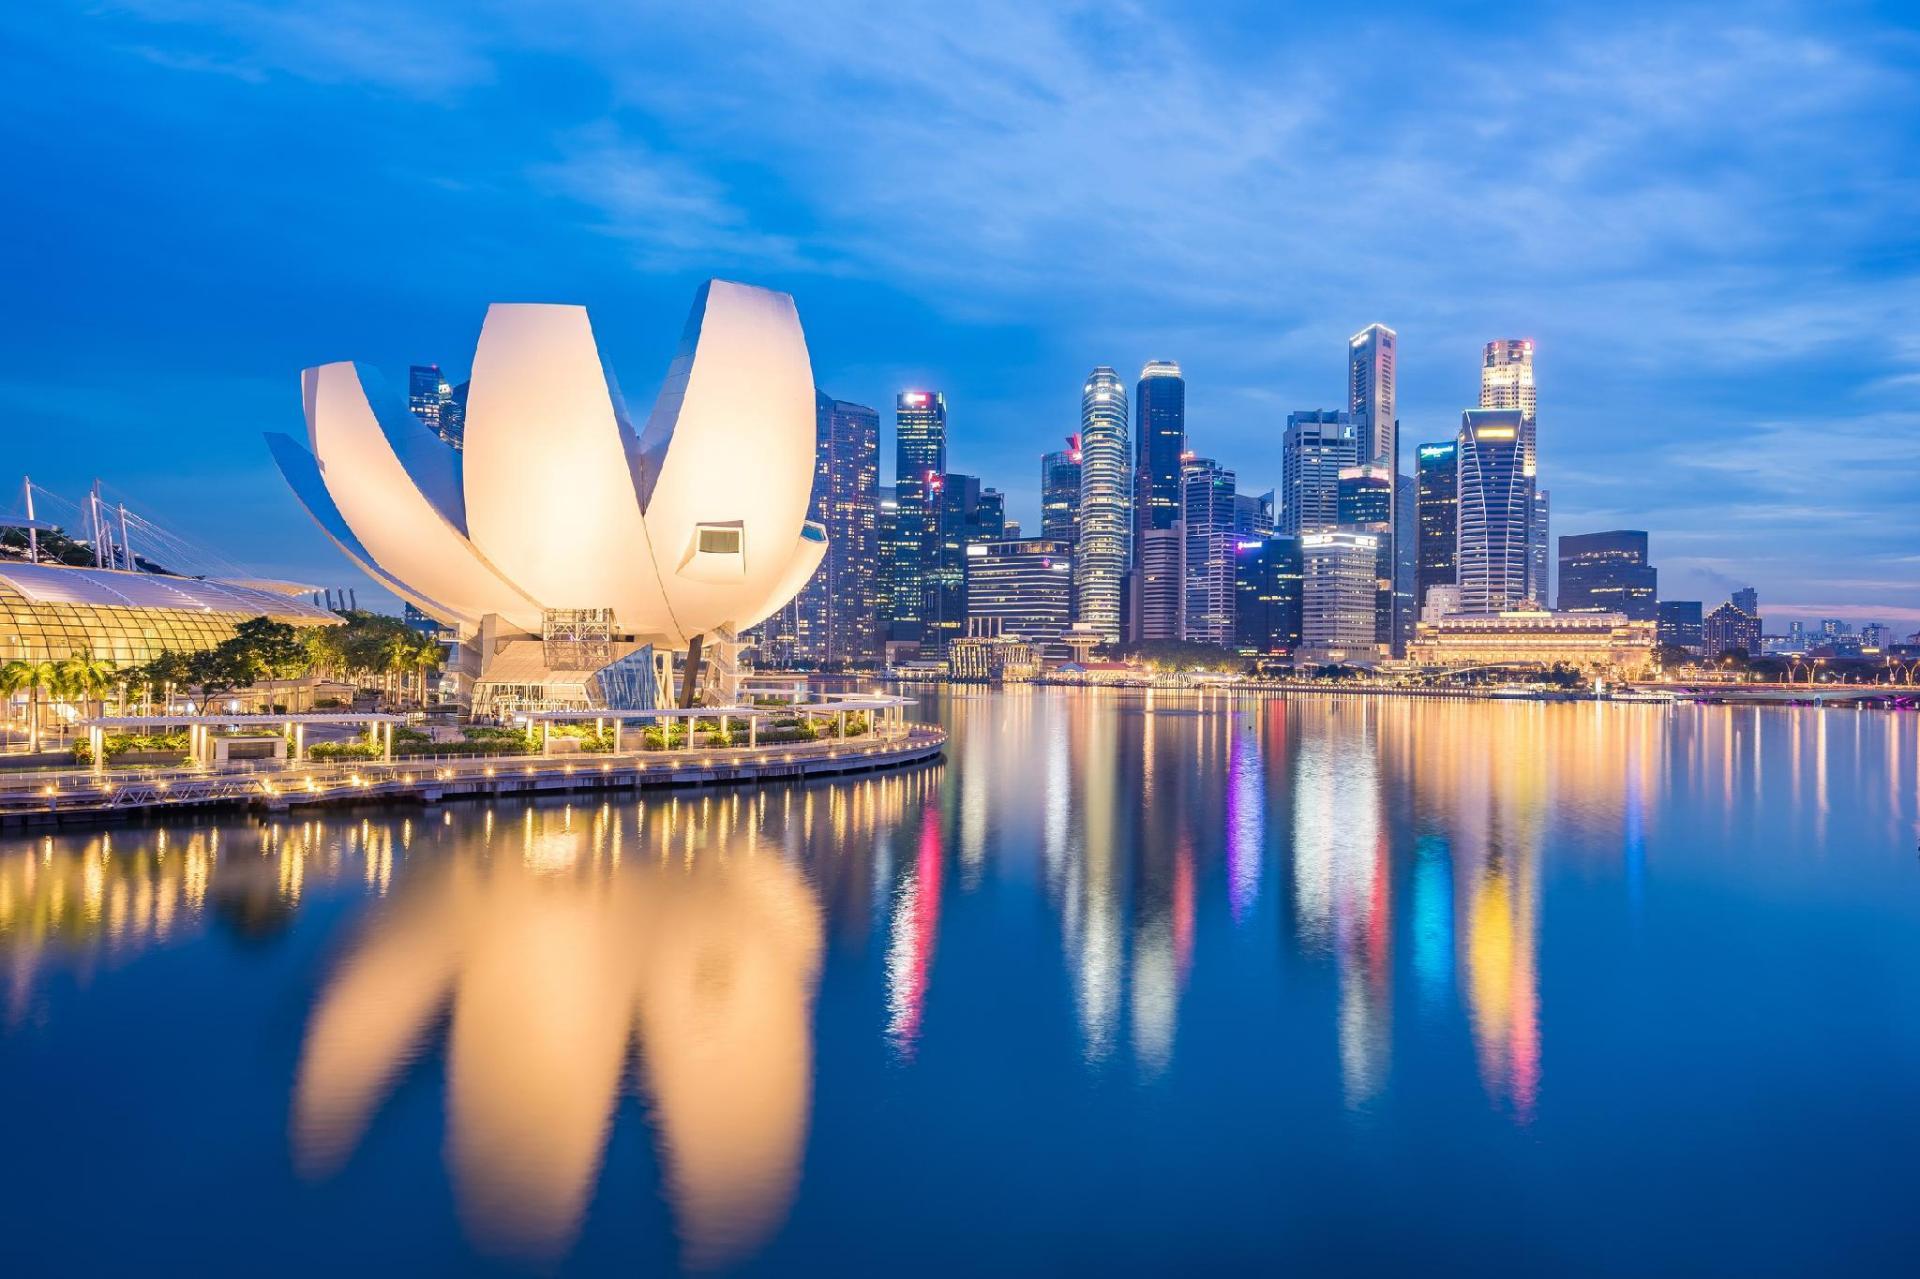 Singapore là địa điểm du học ưa thích của sinh viên Châu Á.